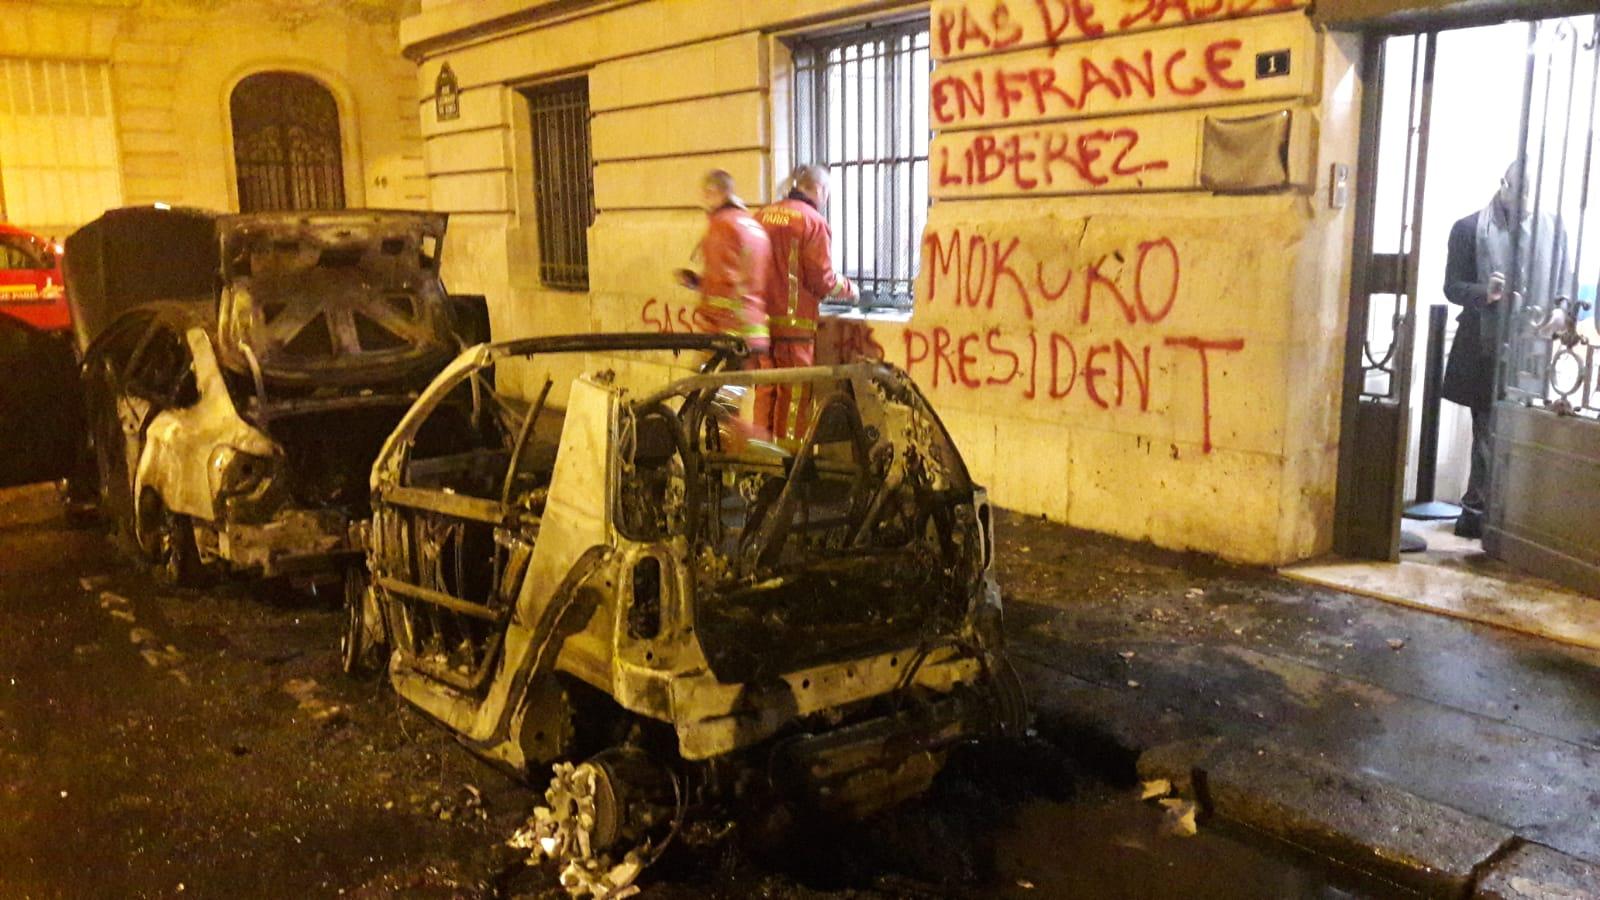 Arrêt sur images : L'ambassade du Congo en France vandalisée